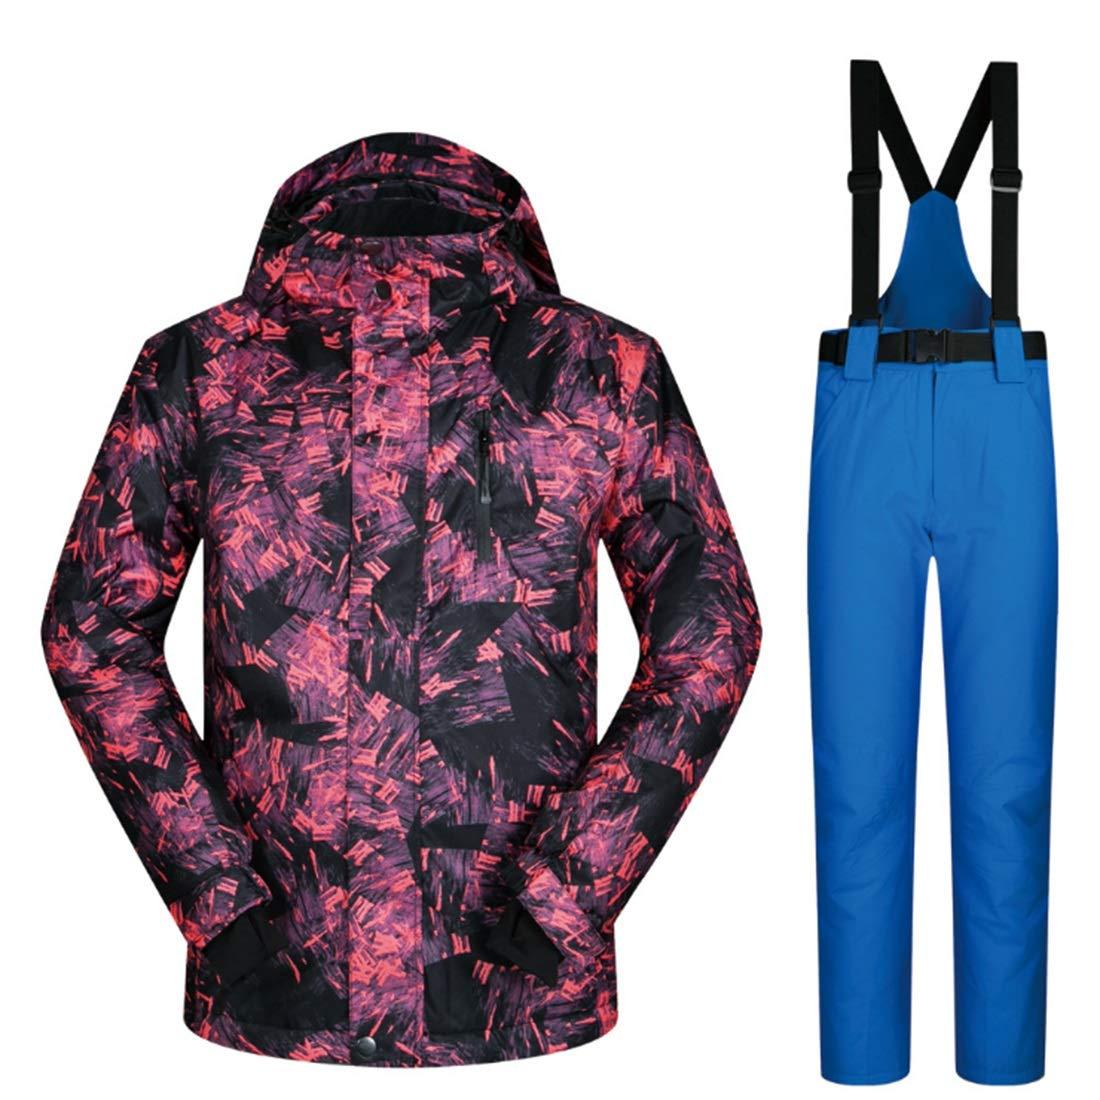 Cvthfyky Snowsuit da Uomo Winter Giacca Giacca Giacca da Sci e Pantaloni per la Neve da Pioggia Outdoor Hiking (Coloree   06, Dimensione   XXXL)B07MDH84XMXXL 05 | Numeroso Nella Varietà  | Louis, in dettaglio  | Elegante Nello Stile  | Nuovo  | Tocco confortevole  52bff7